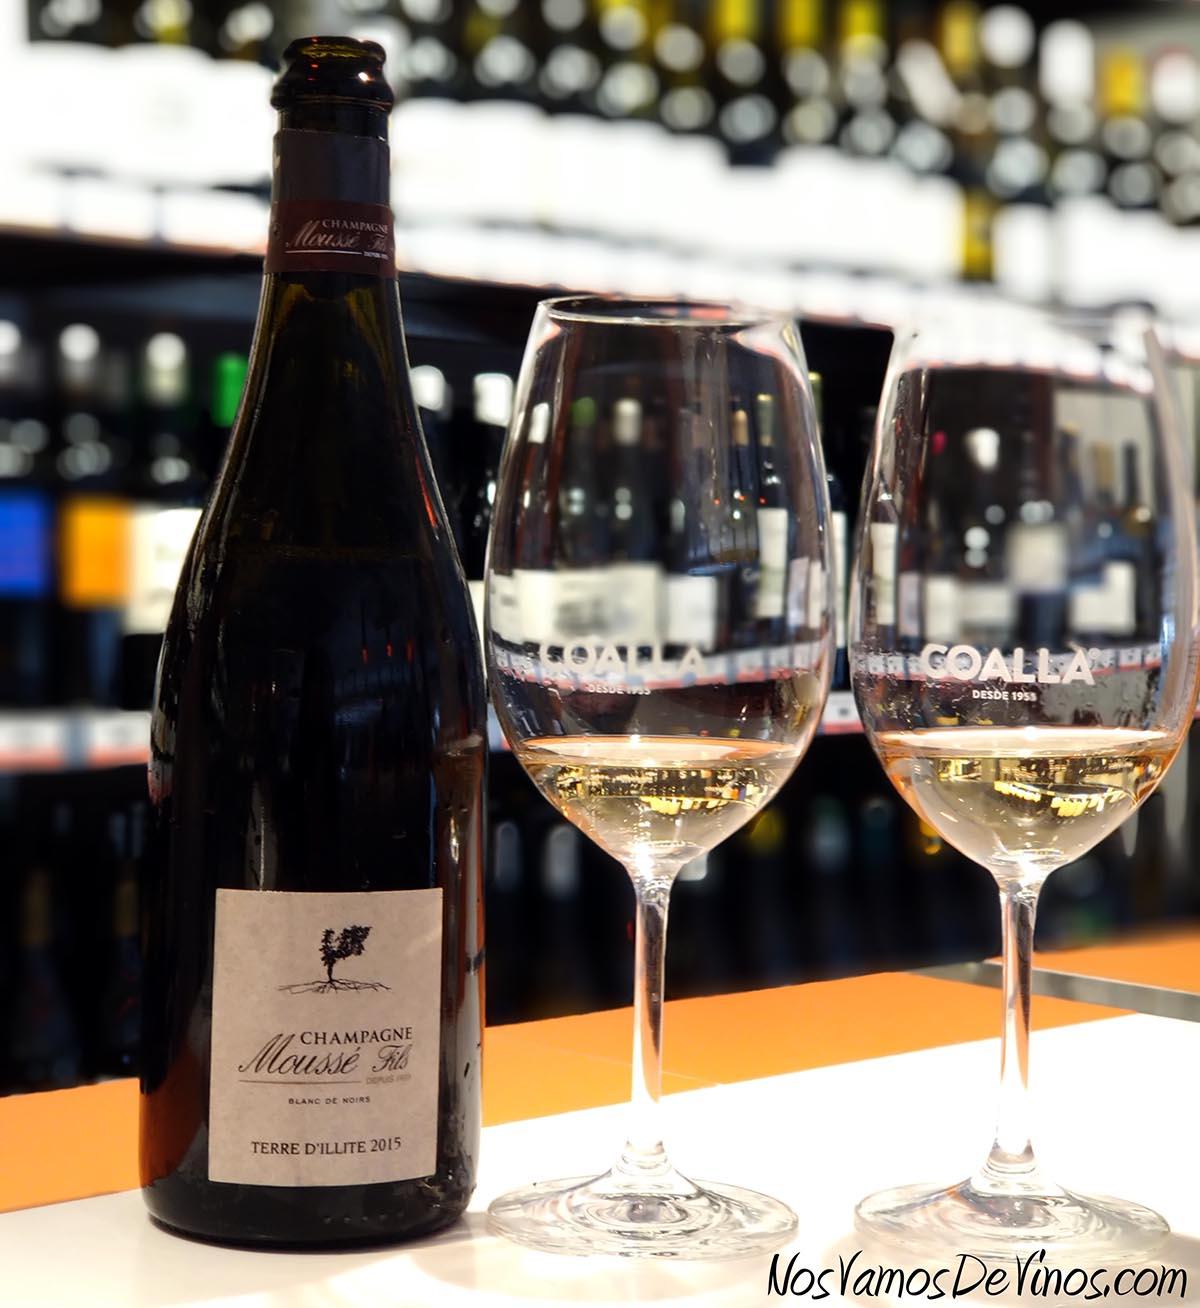 Champagne Moussé Fils Terre D'Illite 2015